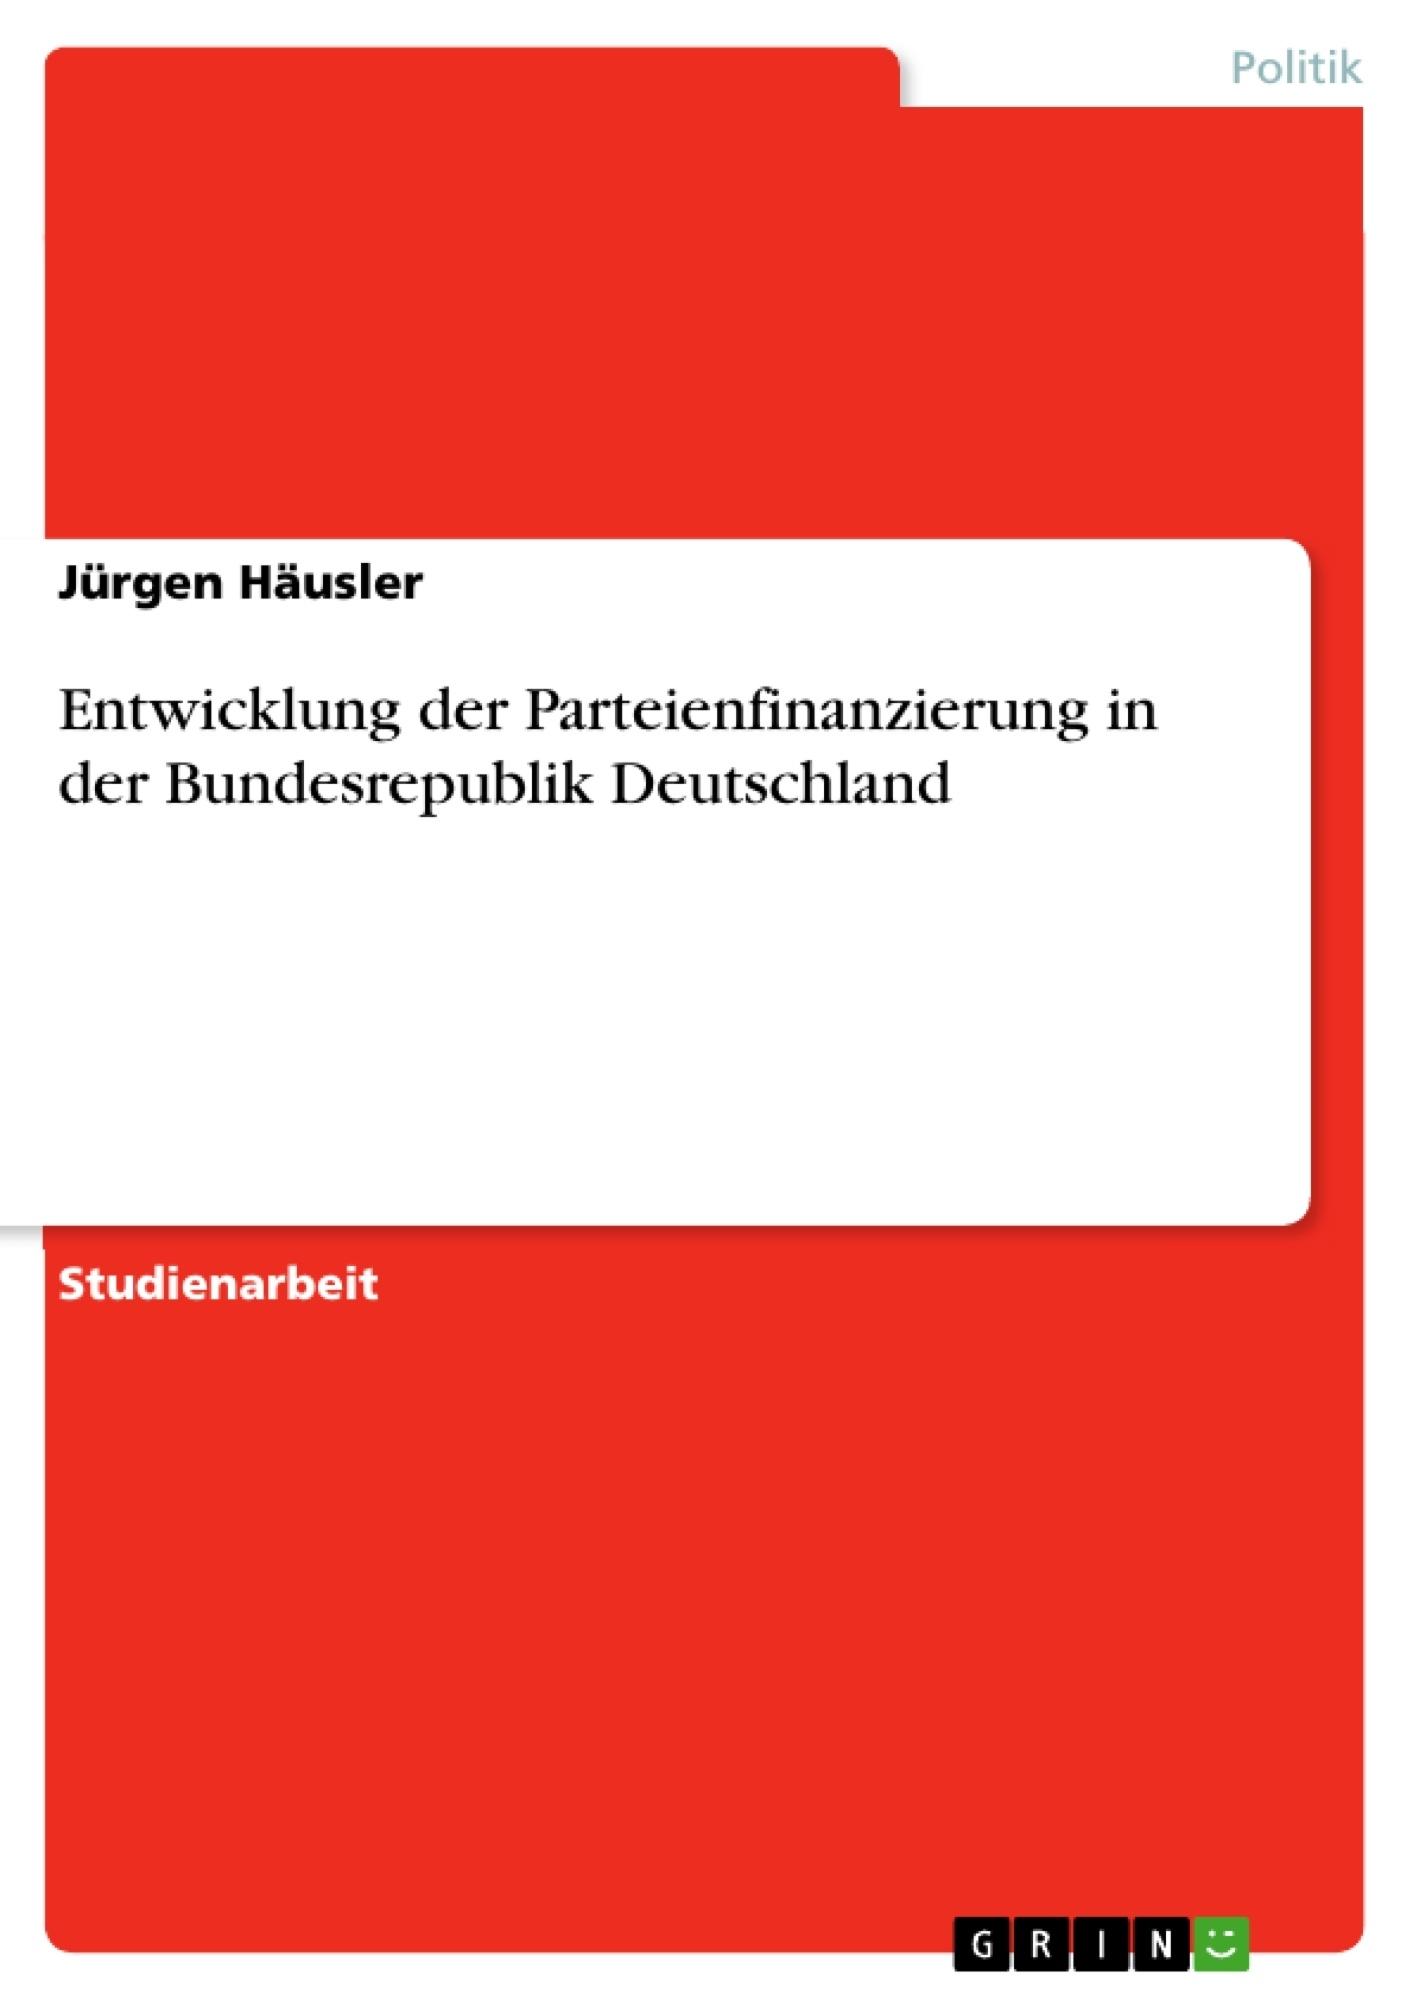 Titel: Entwicklung der Parteienfinanzierung in der Bundesrepublik Deutschland